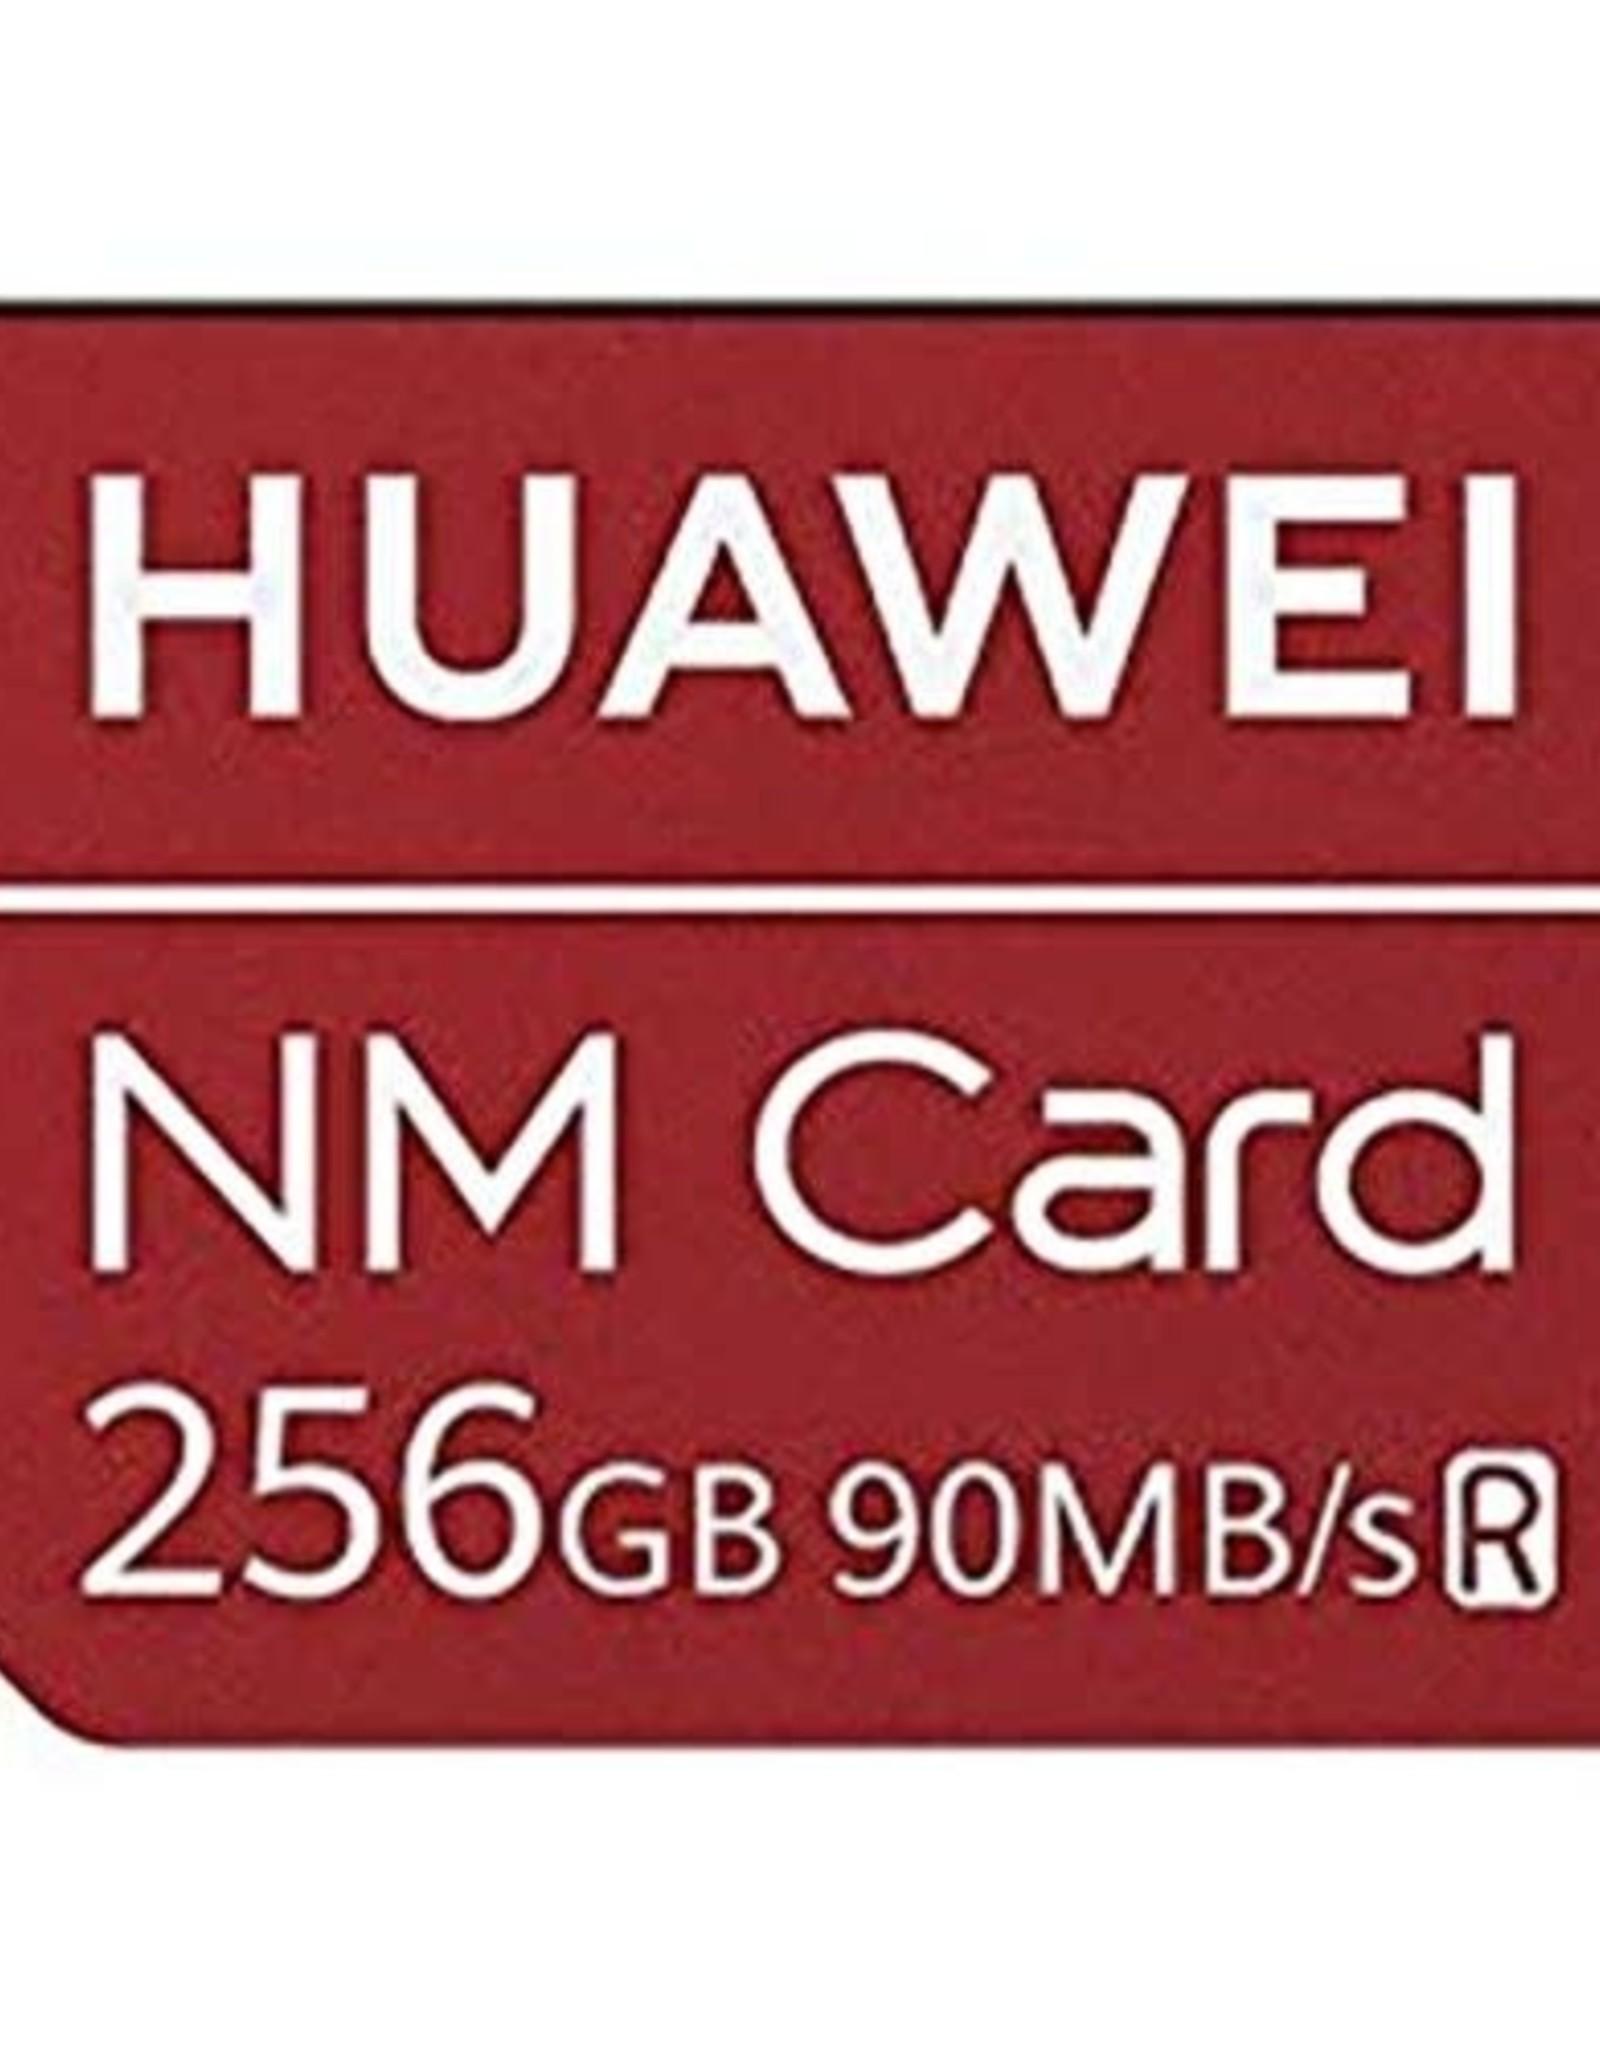 Huawei Huawei | 256GB Nano Memory Card 6010390